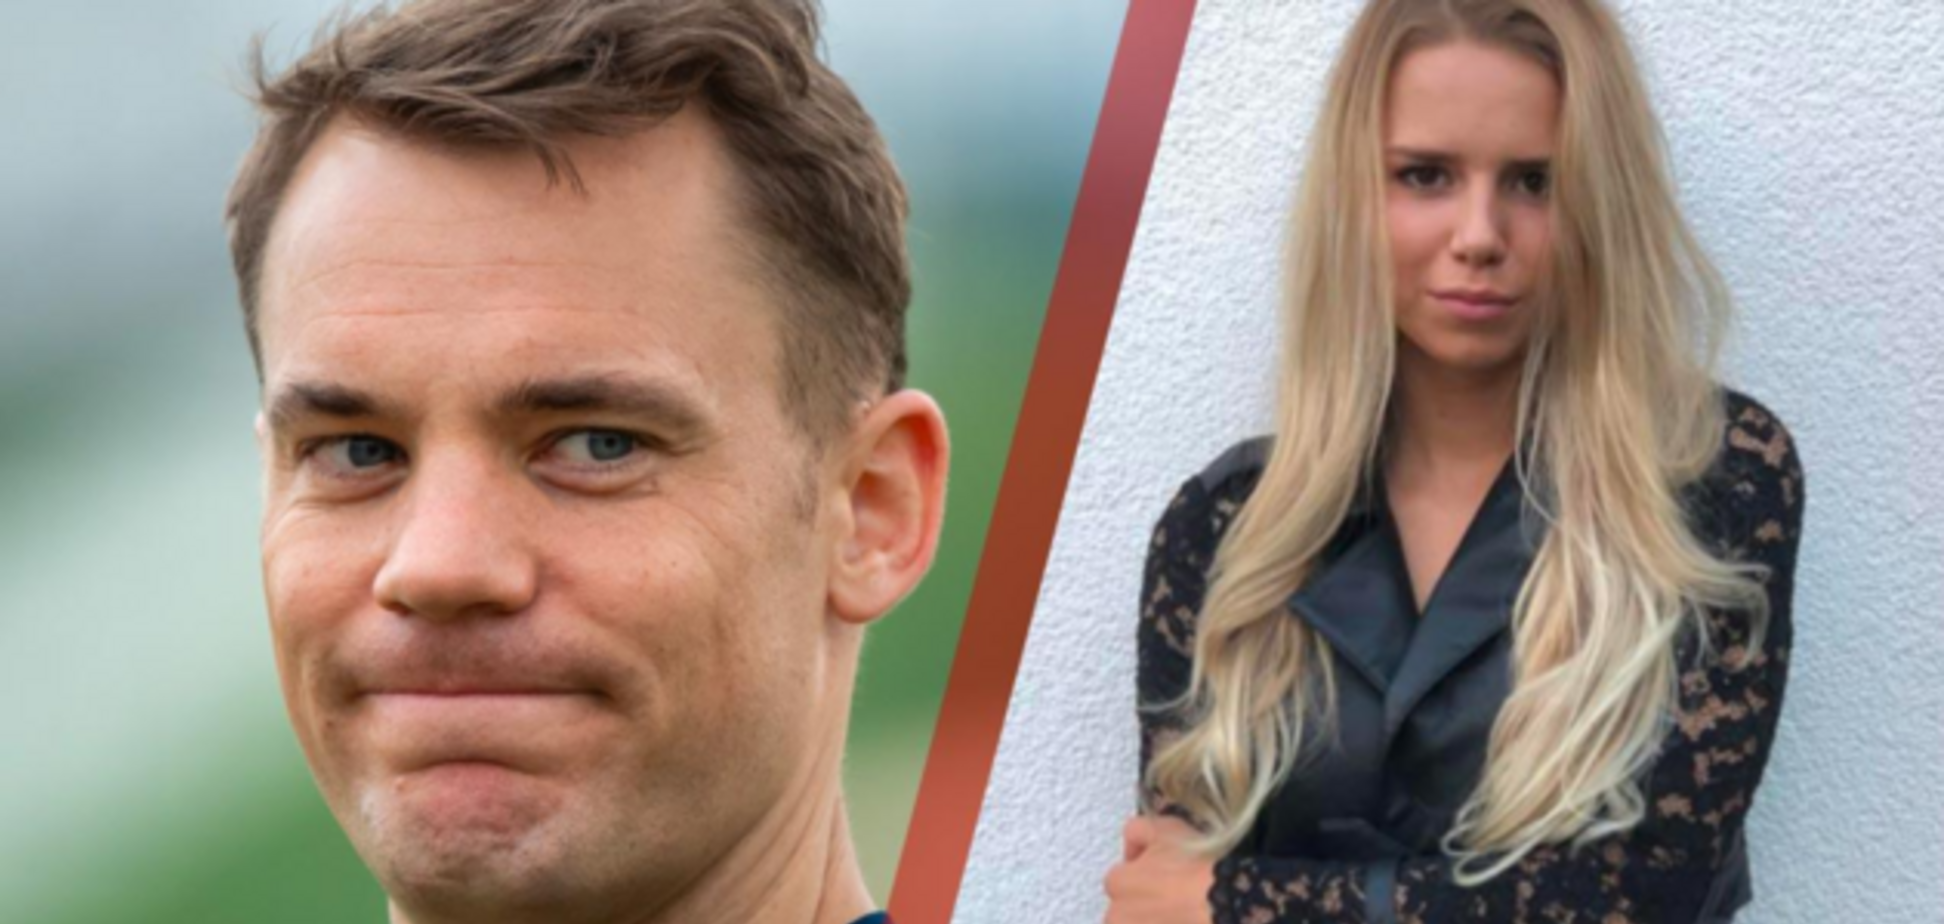 Нойер почав зустрічатися з 19-річною спортсменкою через 4 місяці після розлучення